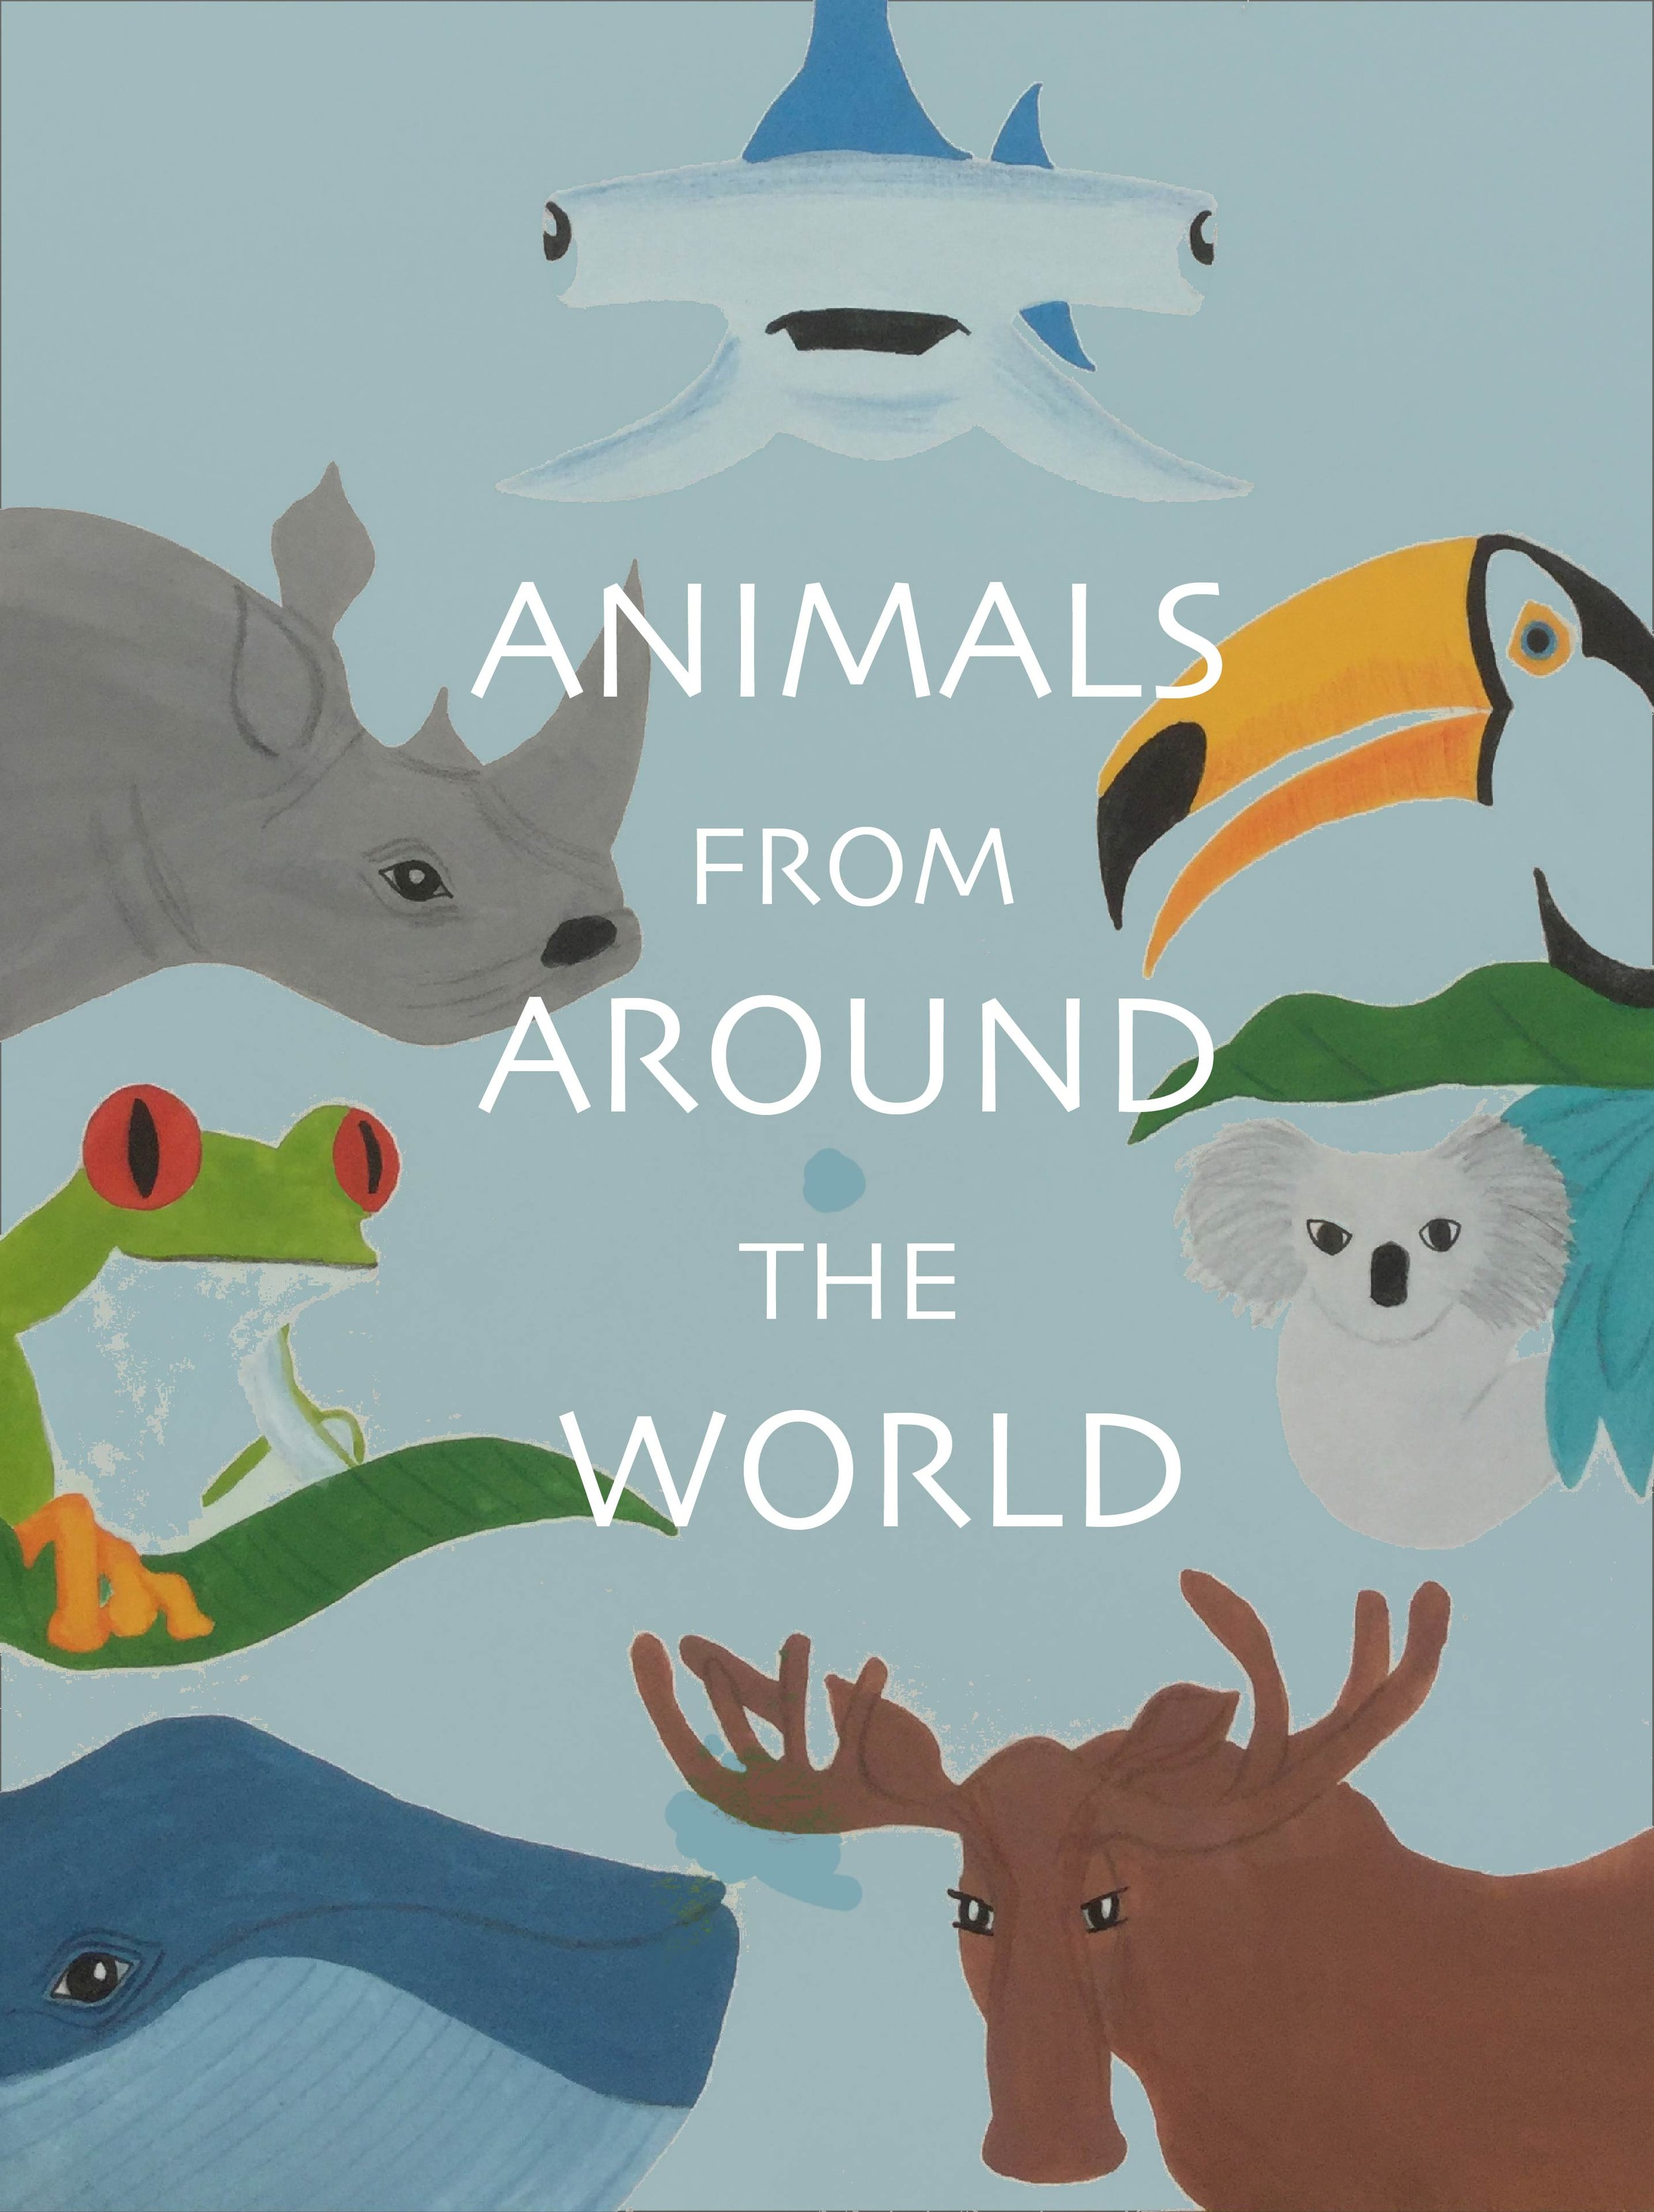 ANIMAL COVER 3E-01.jpg